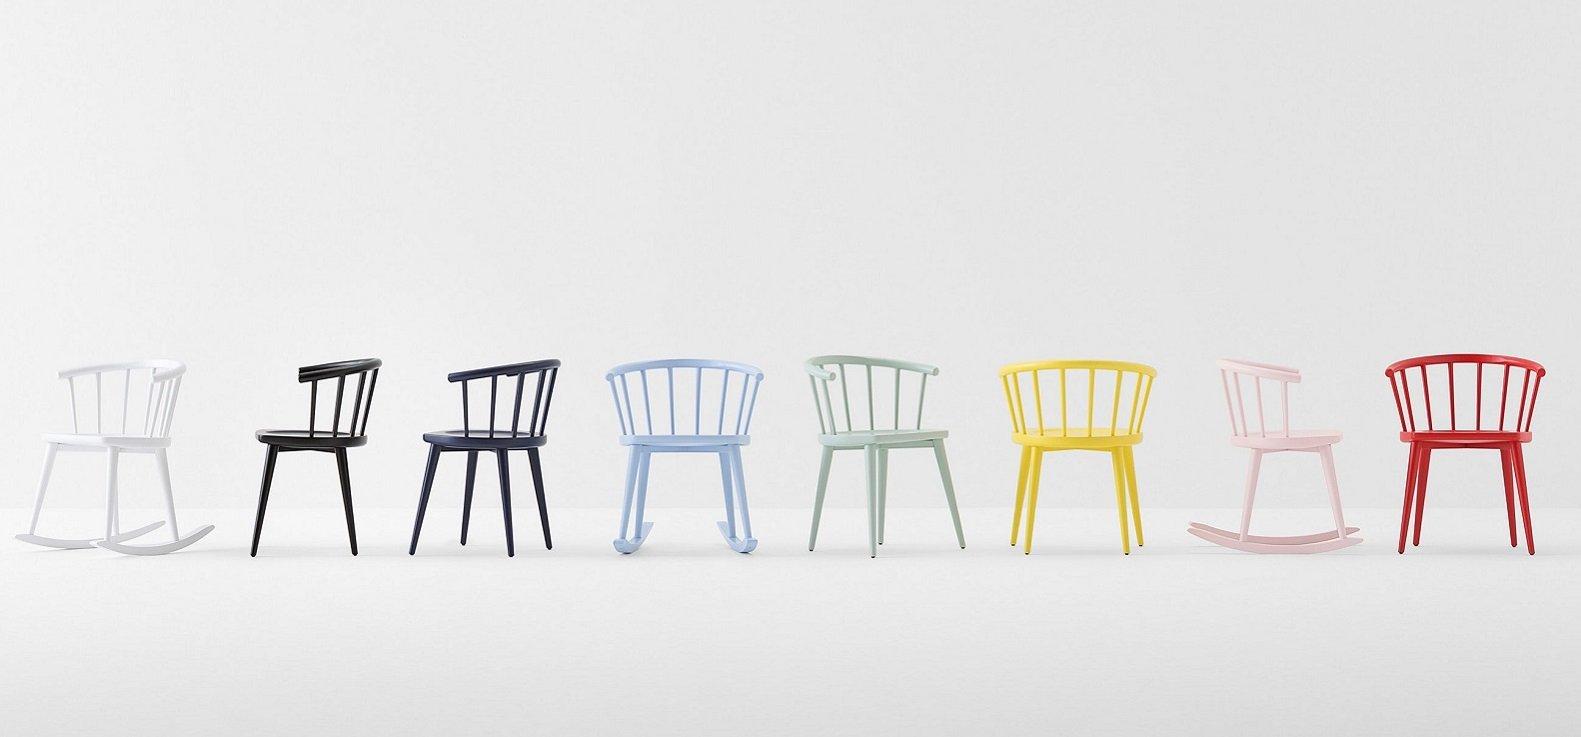 W Chair from Billiani, designed by Fabrizio Gallinaro